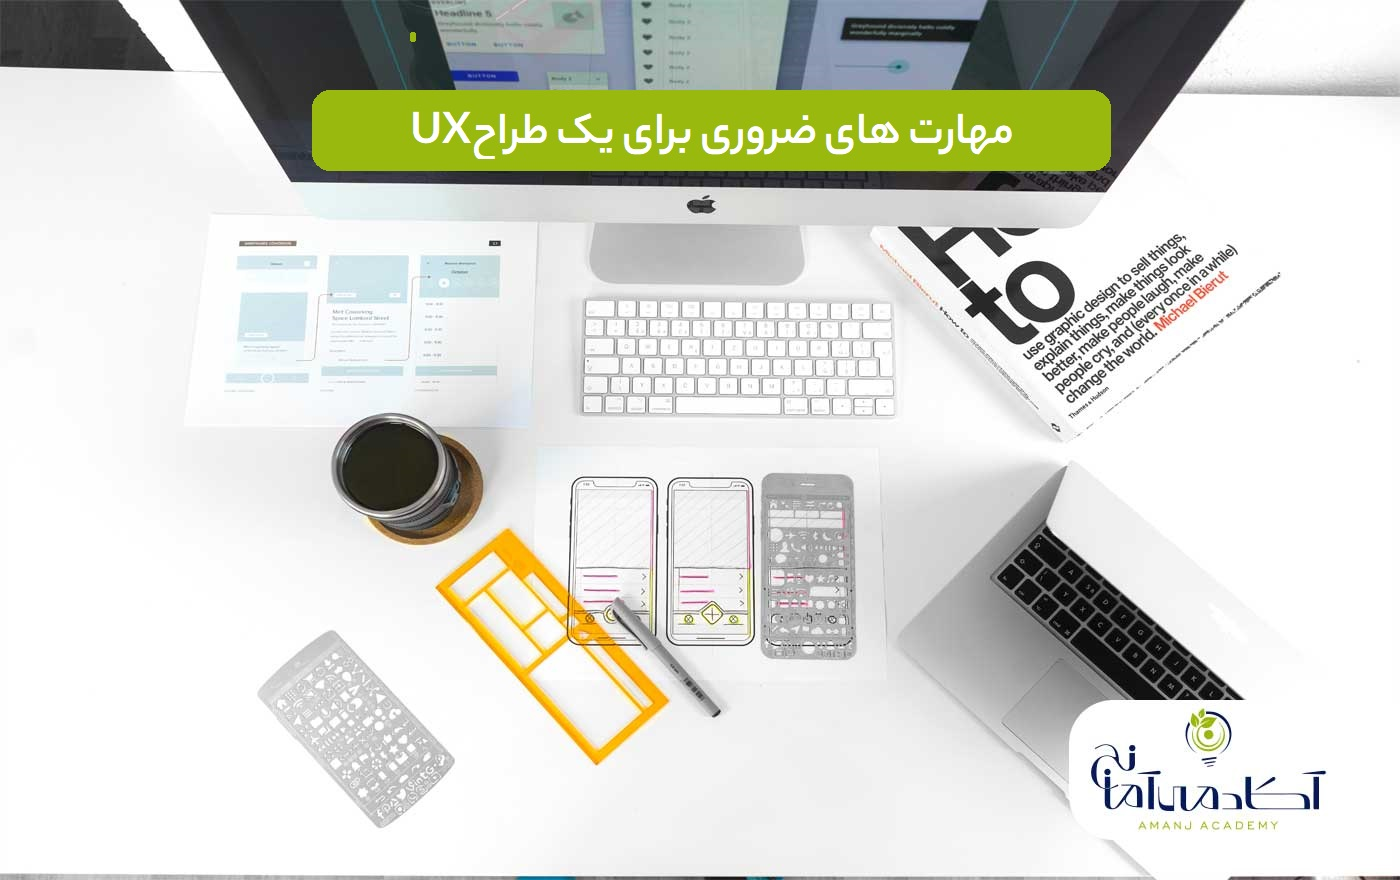 مهارت های طراح ux